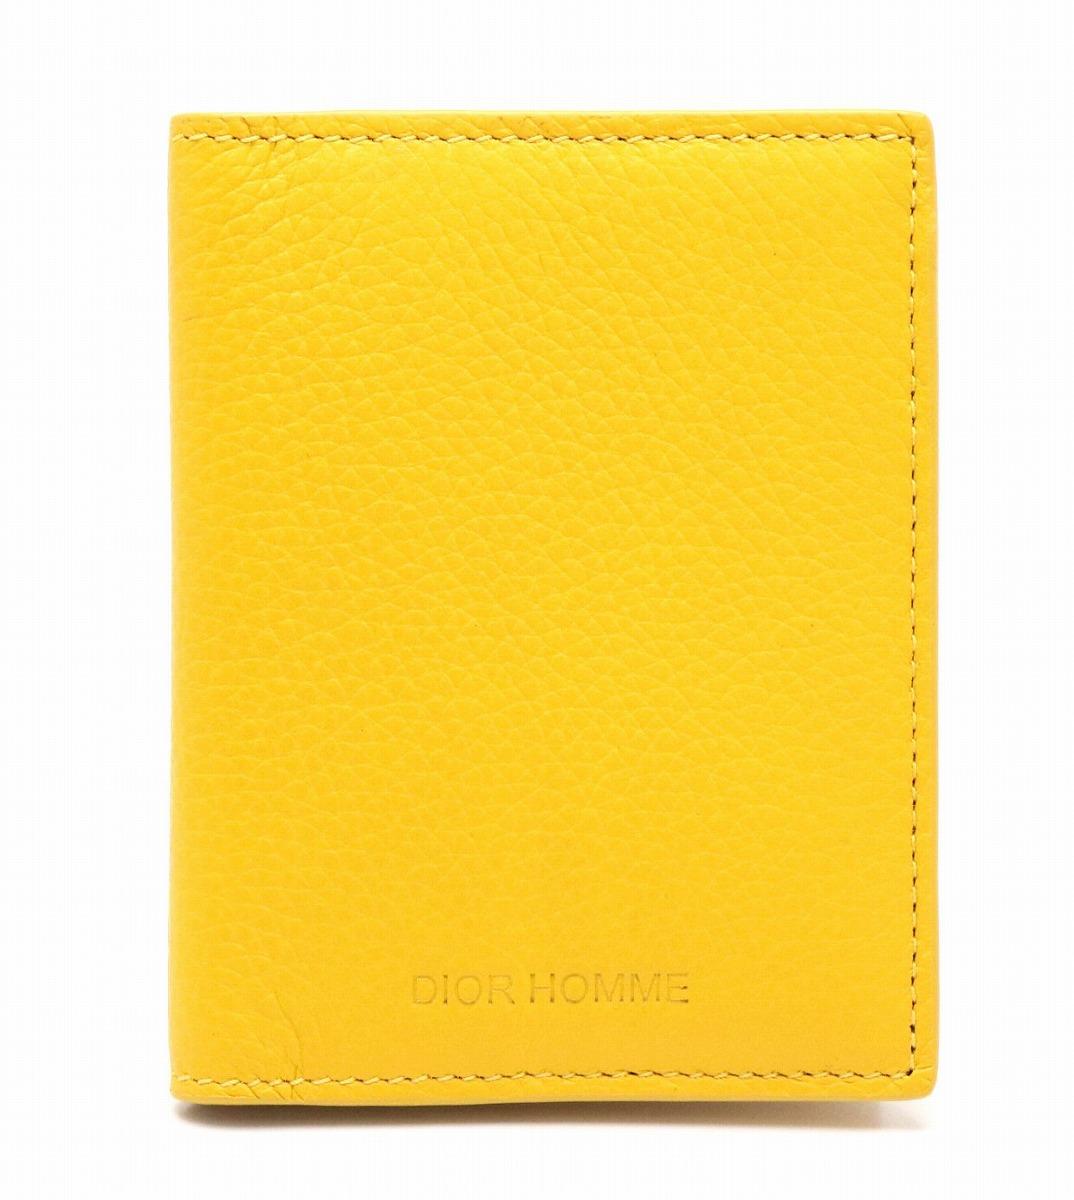 【新品未使用品】Christian Dior クリスチャン ディオール ディオールオム オム カードケース パスケース 名刺入れ レザー イエロー 黄色【k】